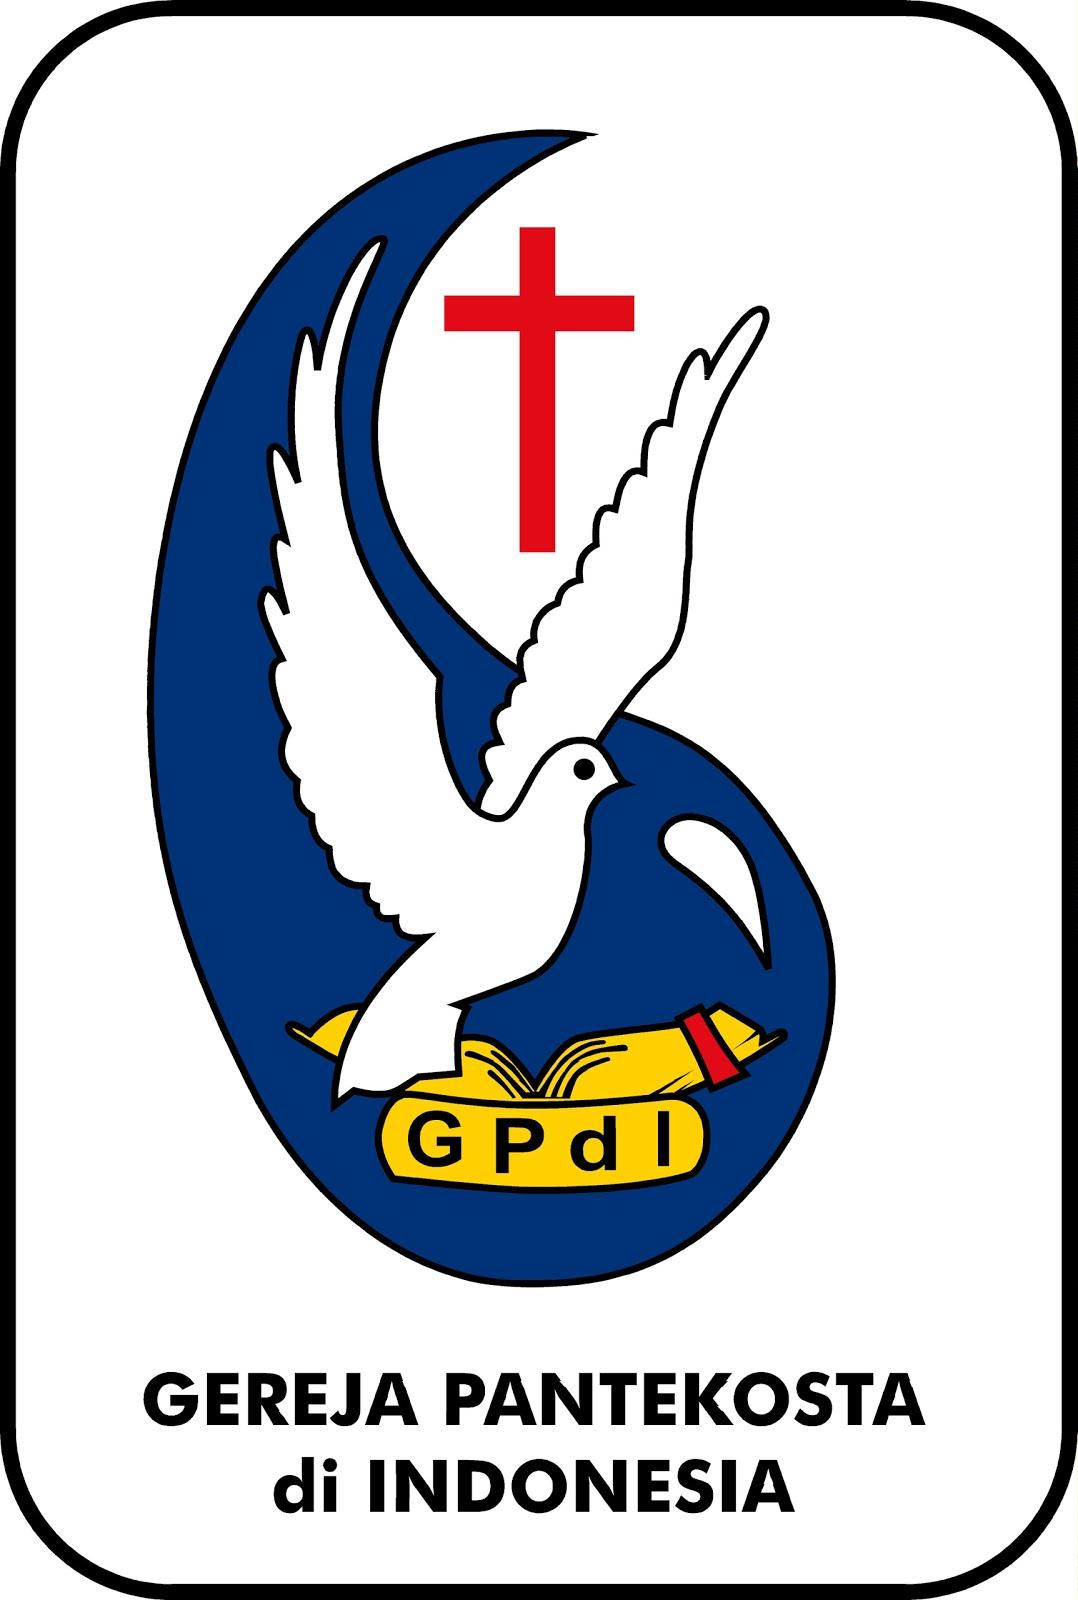 GPdI Villa Melati Mas